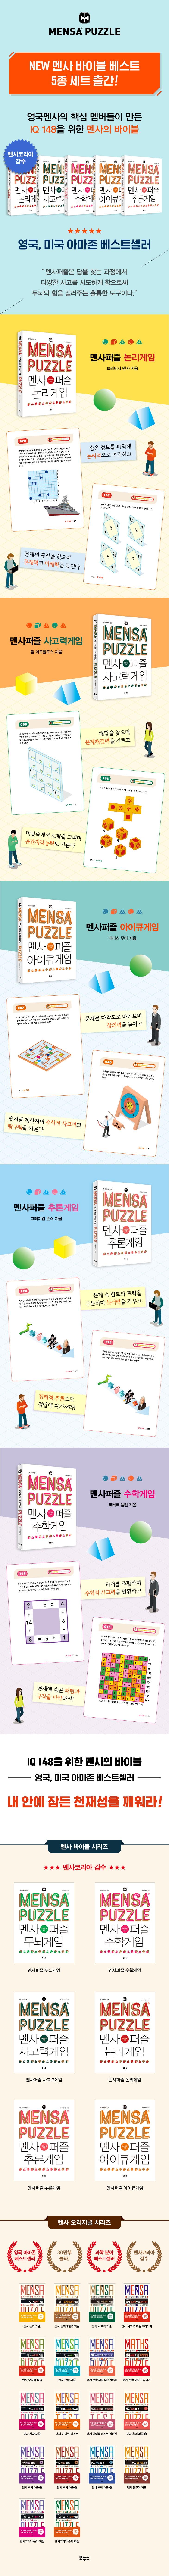 멘사 바이블 베스트 5종 세트(New)(IQ 148을 위한 멘사 퍼즐)(전5권) 도서 상세이미지